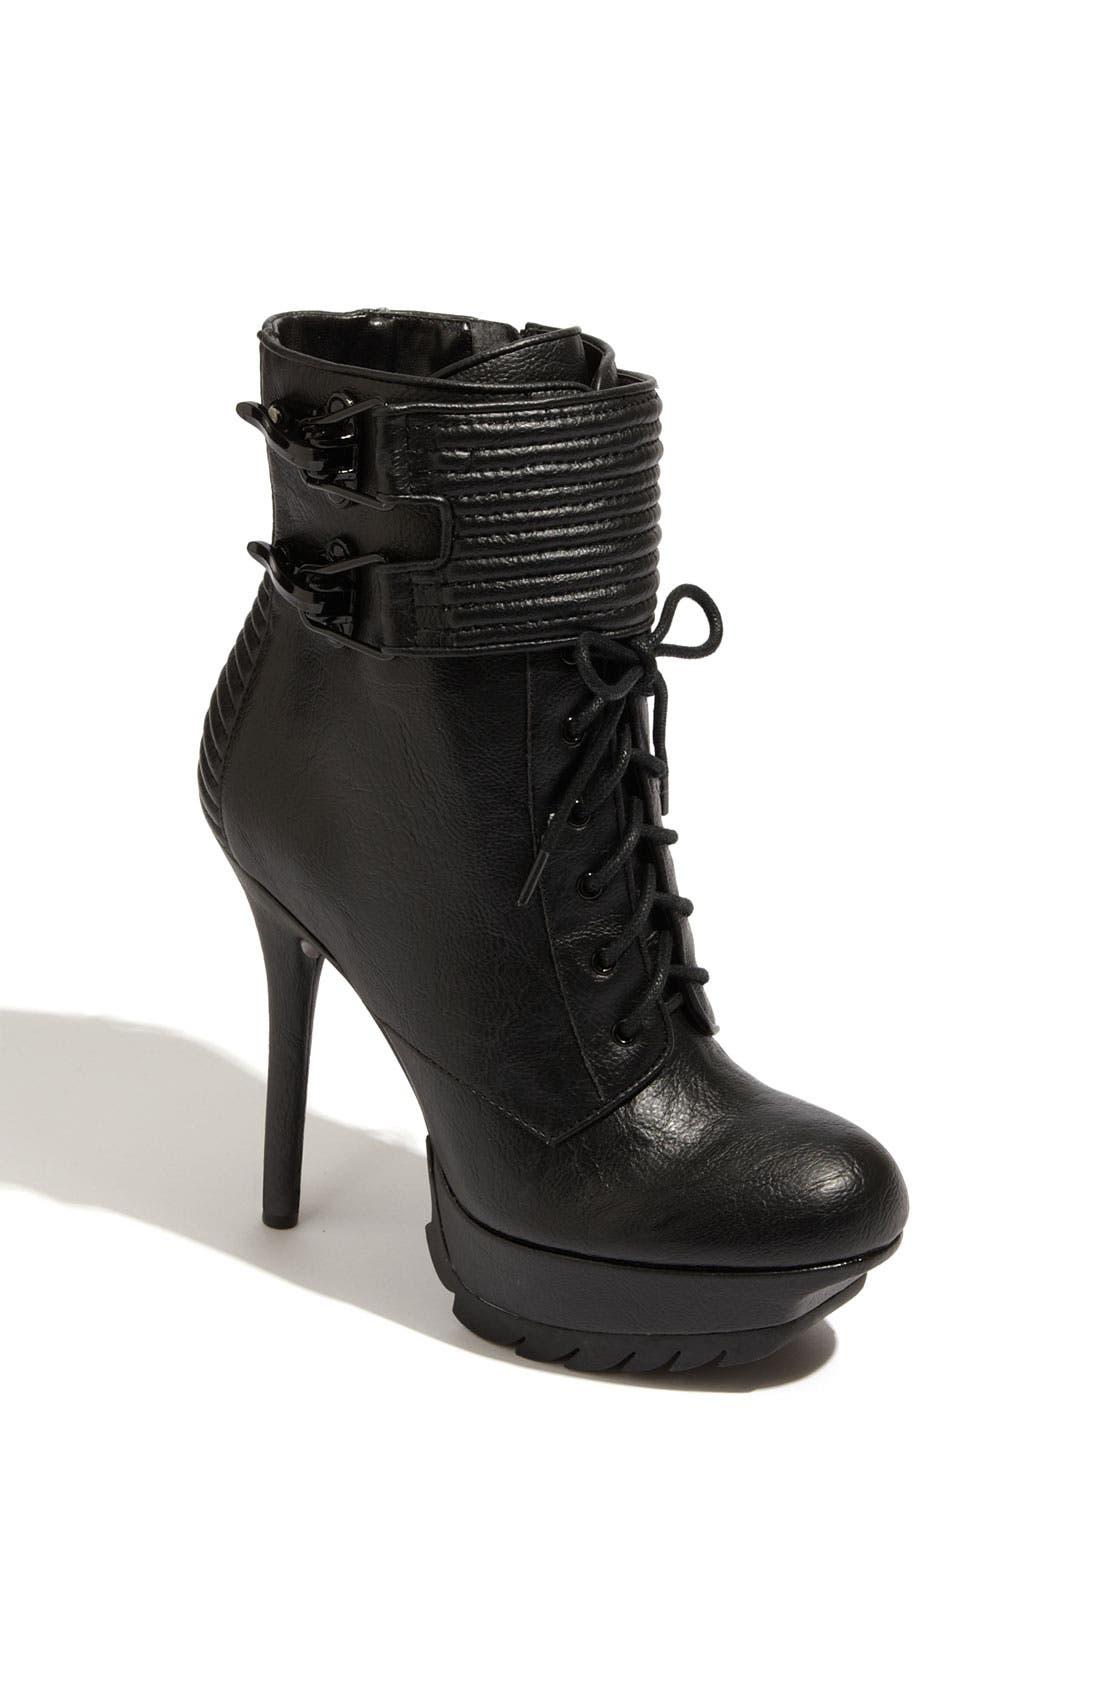 Main Image - Sam Edelman 'Vixen' Boot